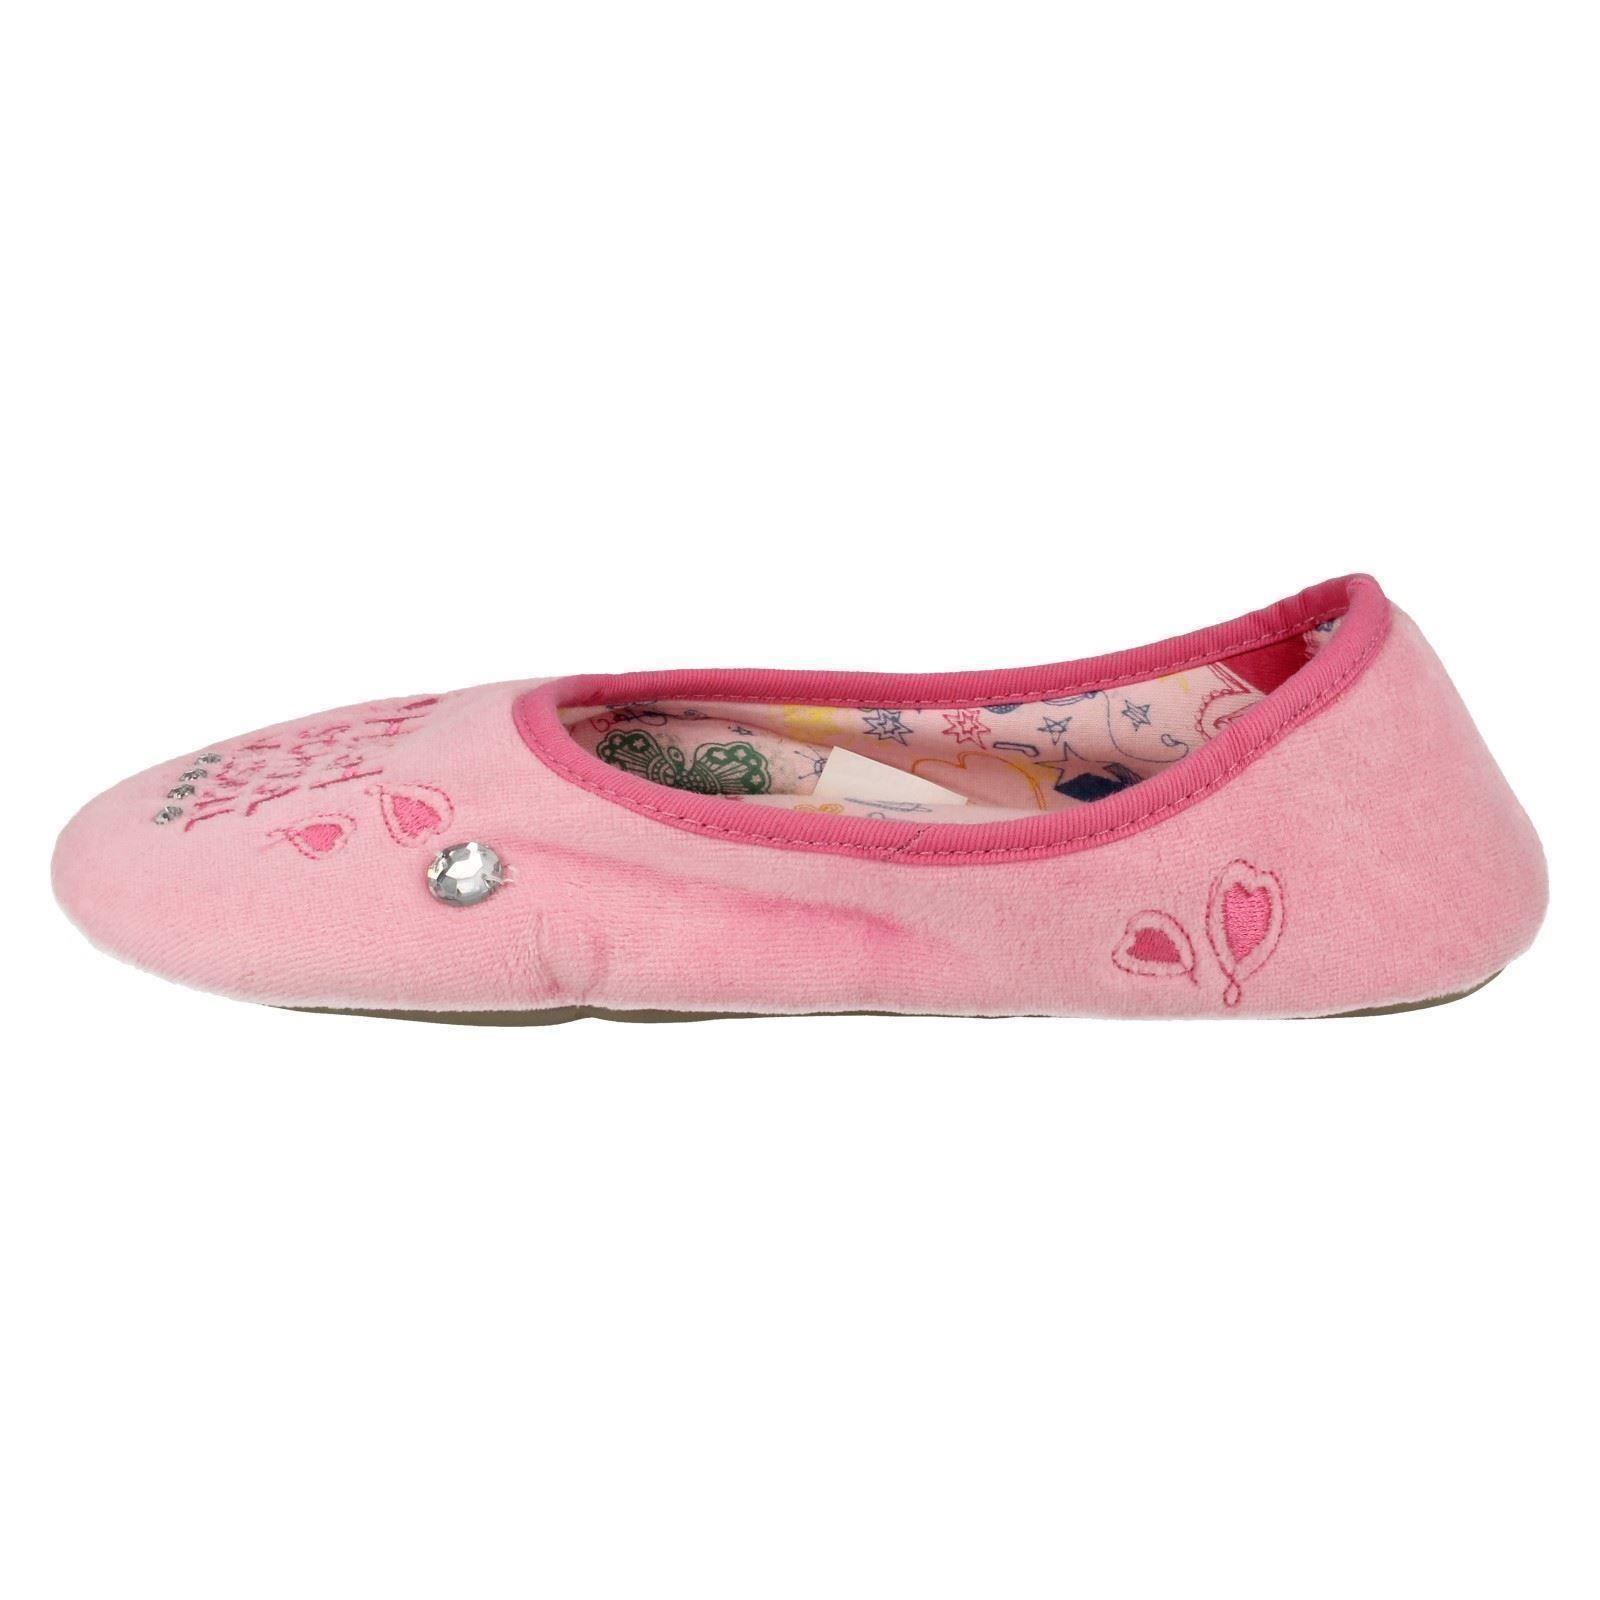 Girls Spot On Disney Slippers HSM Ballerina